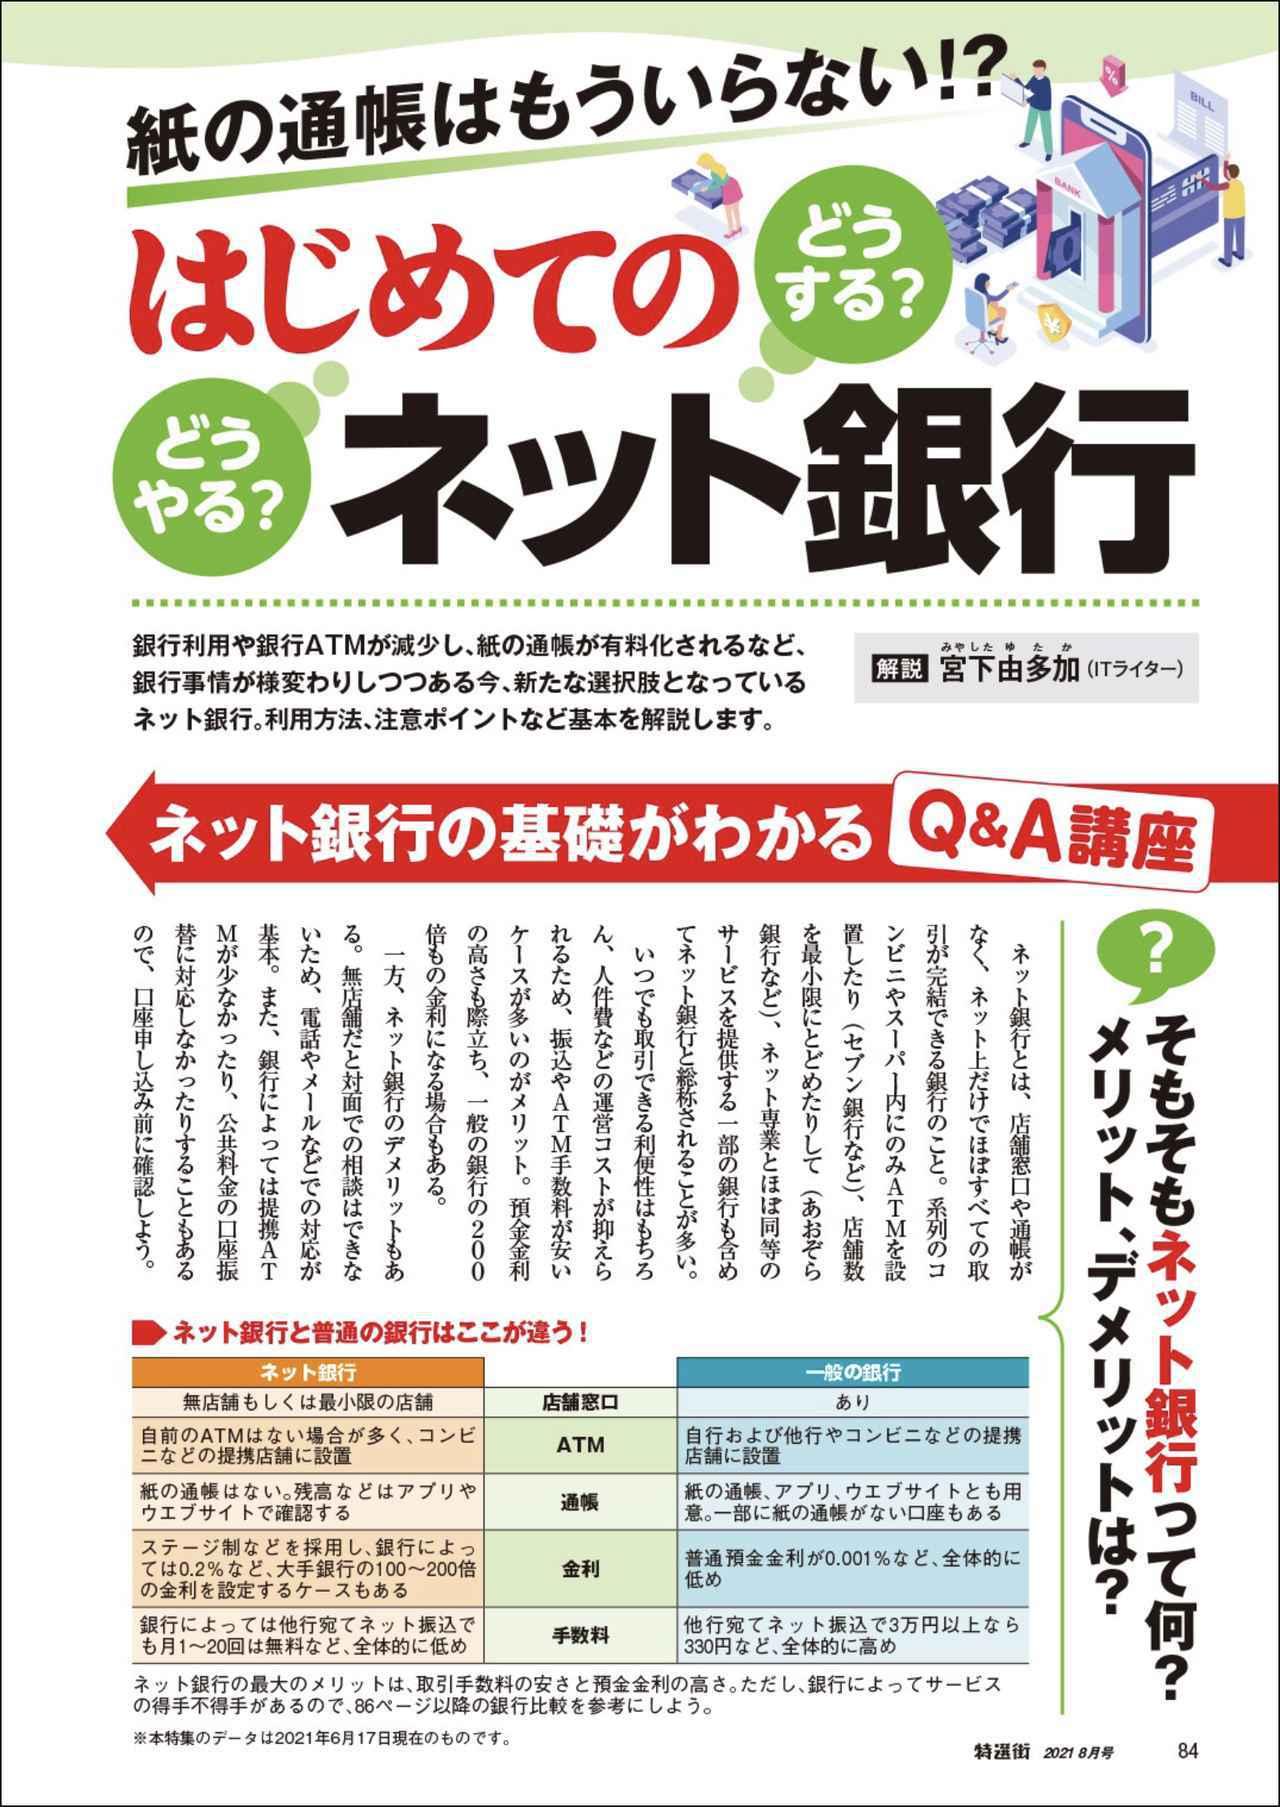 画像4: 『特選街』8月号本日発売! 目的別「すごいスマホアプリ」ランキング発表!